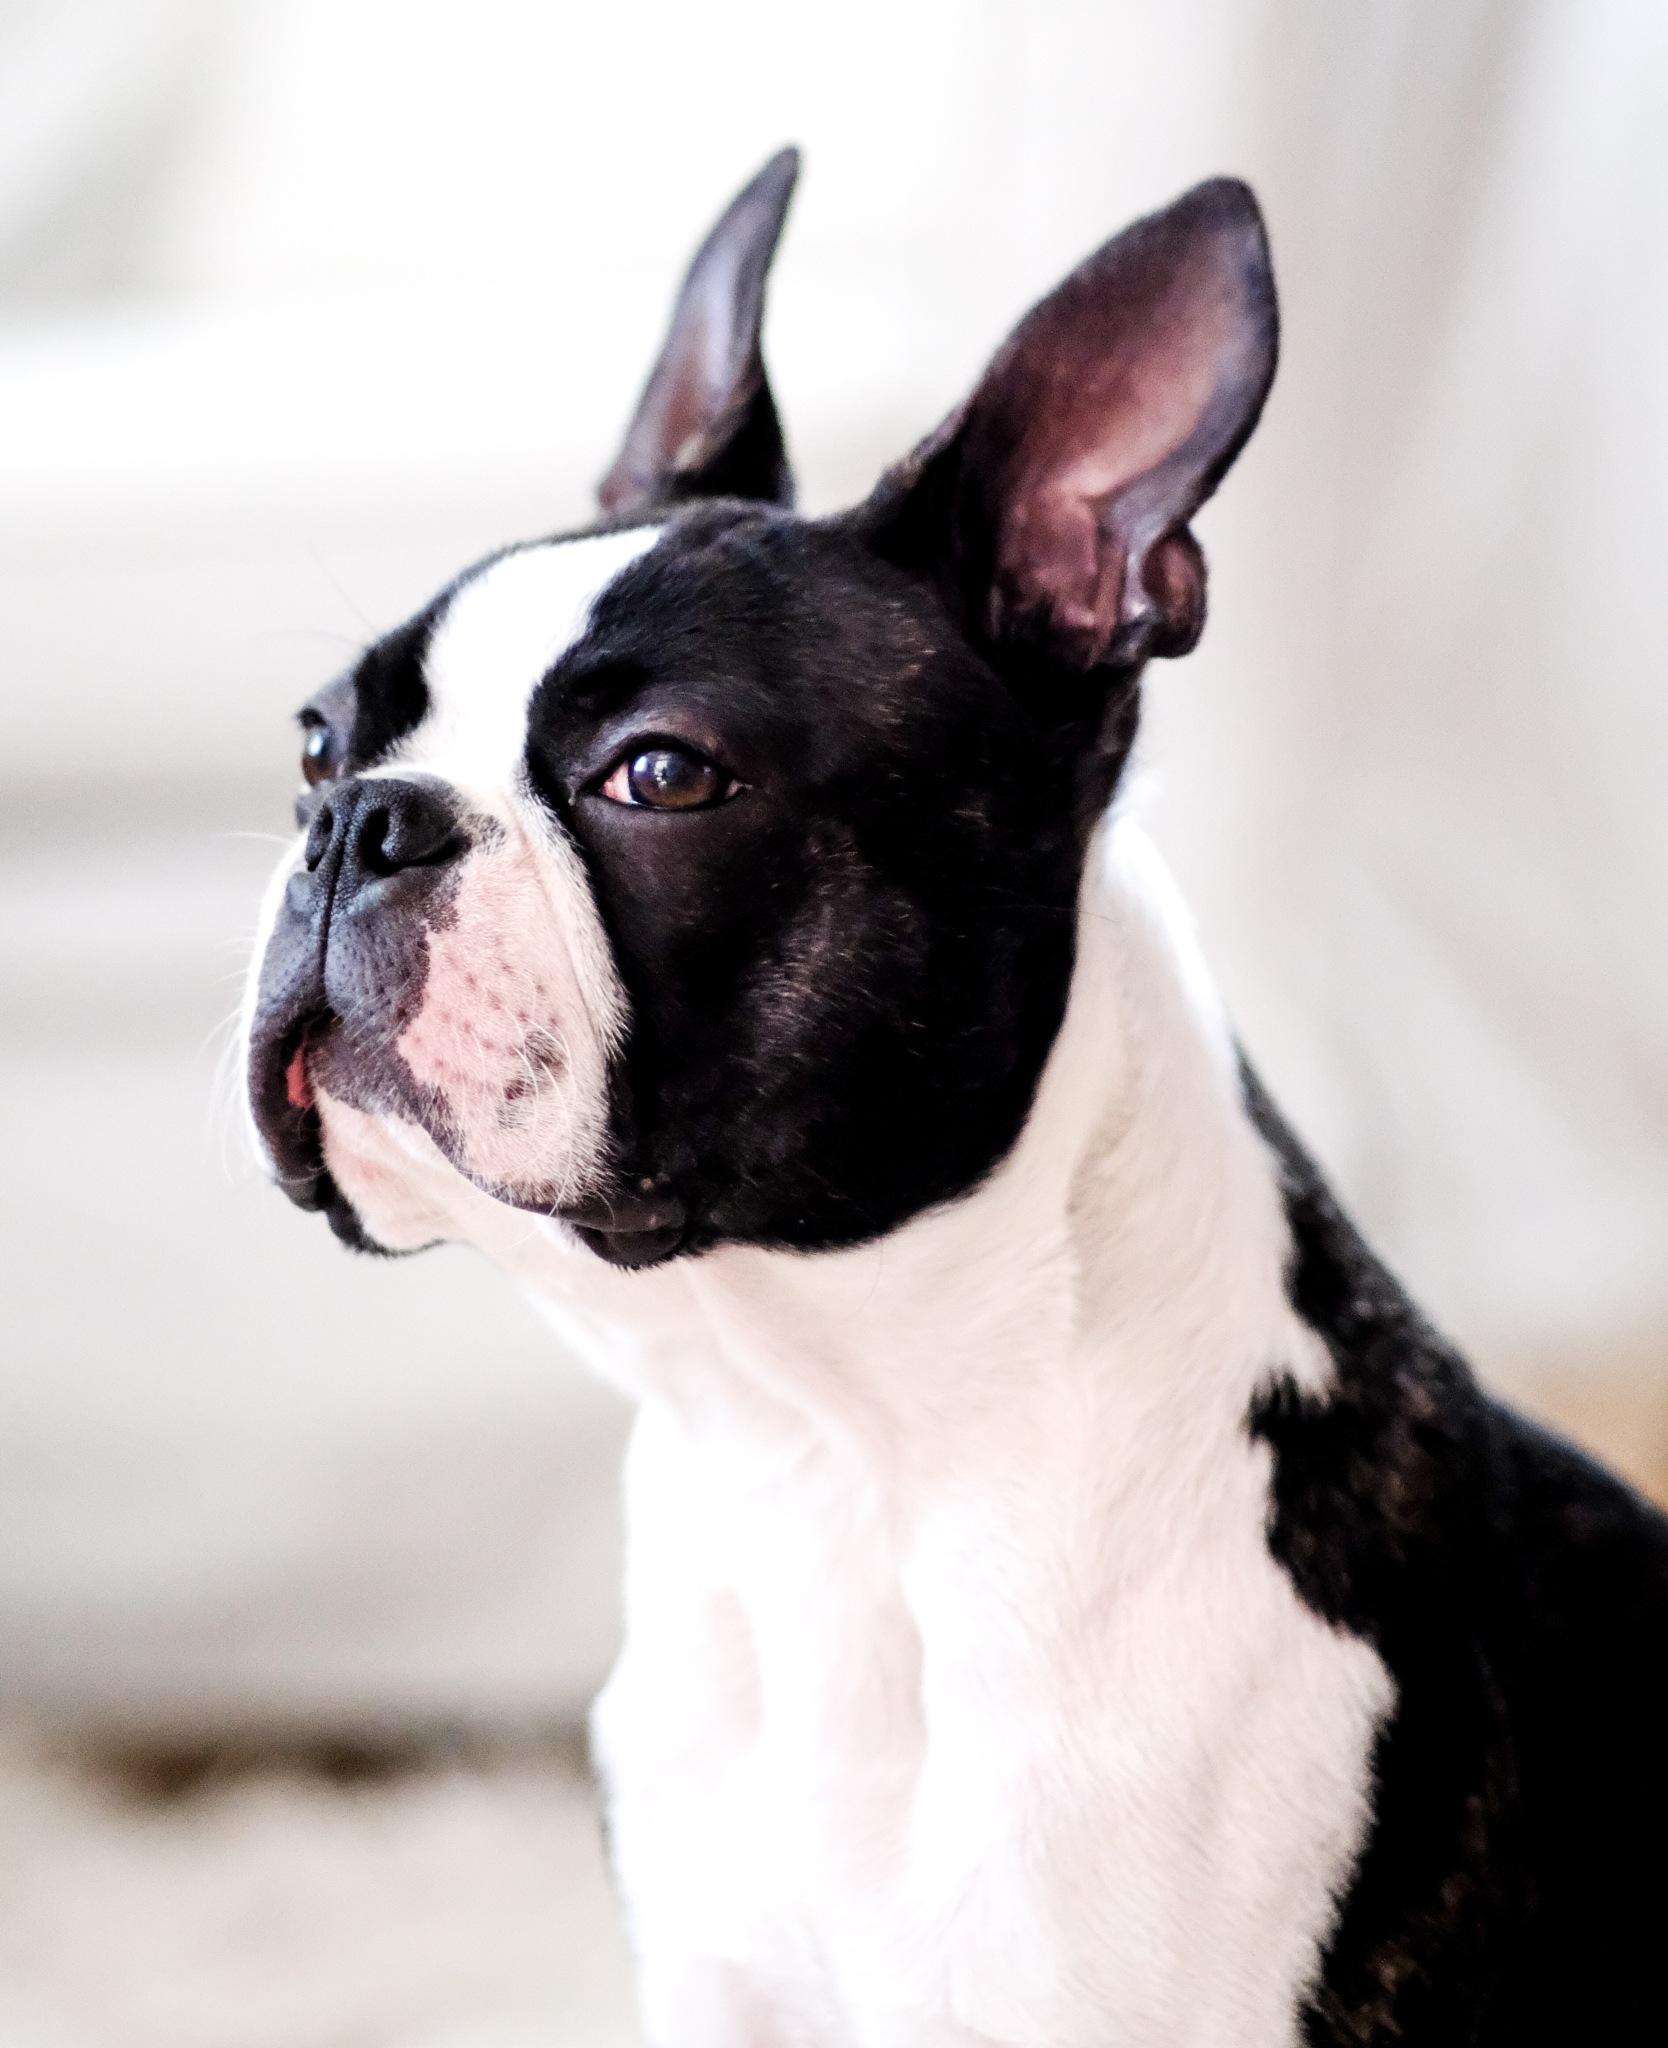 Ukko, my Boston terrier by Vesa Miettinen